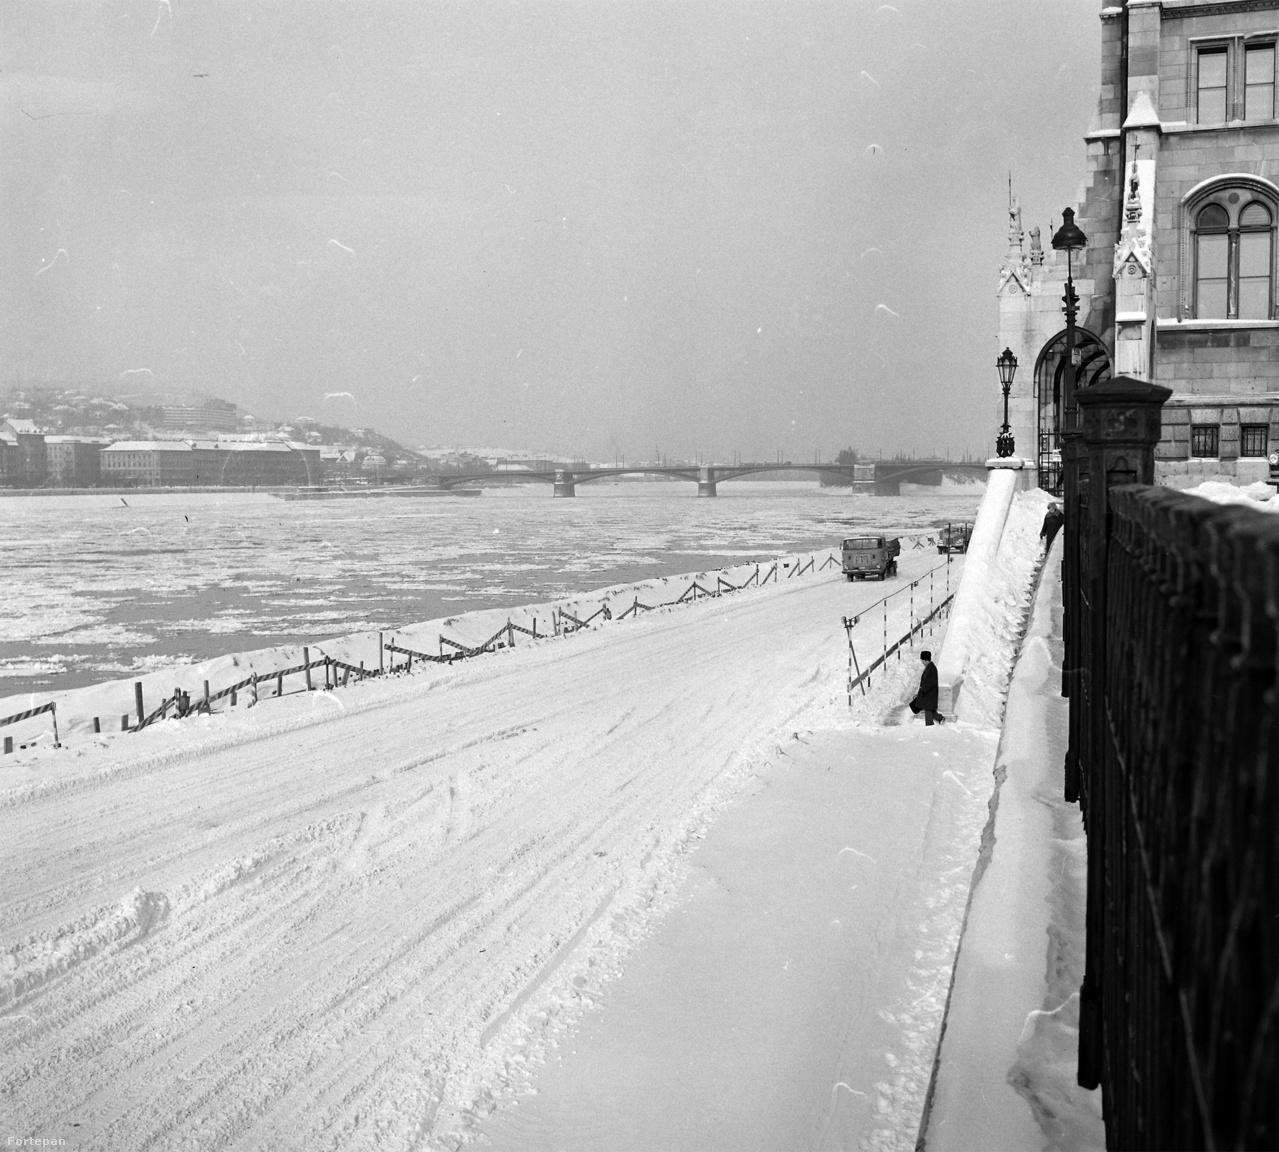 Viszonylag enyhe február után viharral, hóval érkezett 1971-ben a március. A pesti alsó rakpart a Parlament előtt járművekkel járhatatlanná vált.